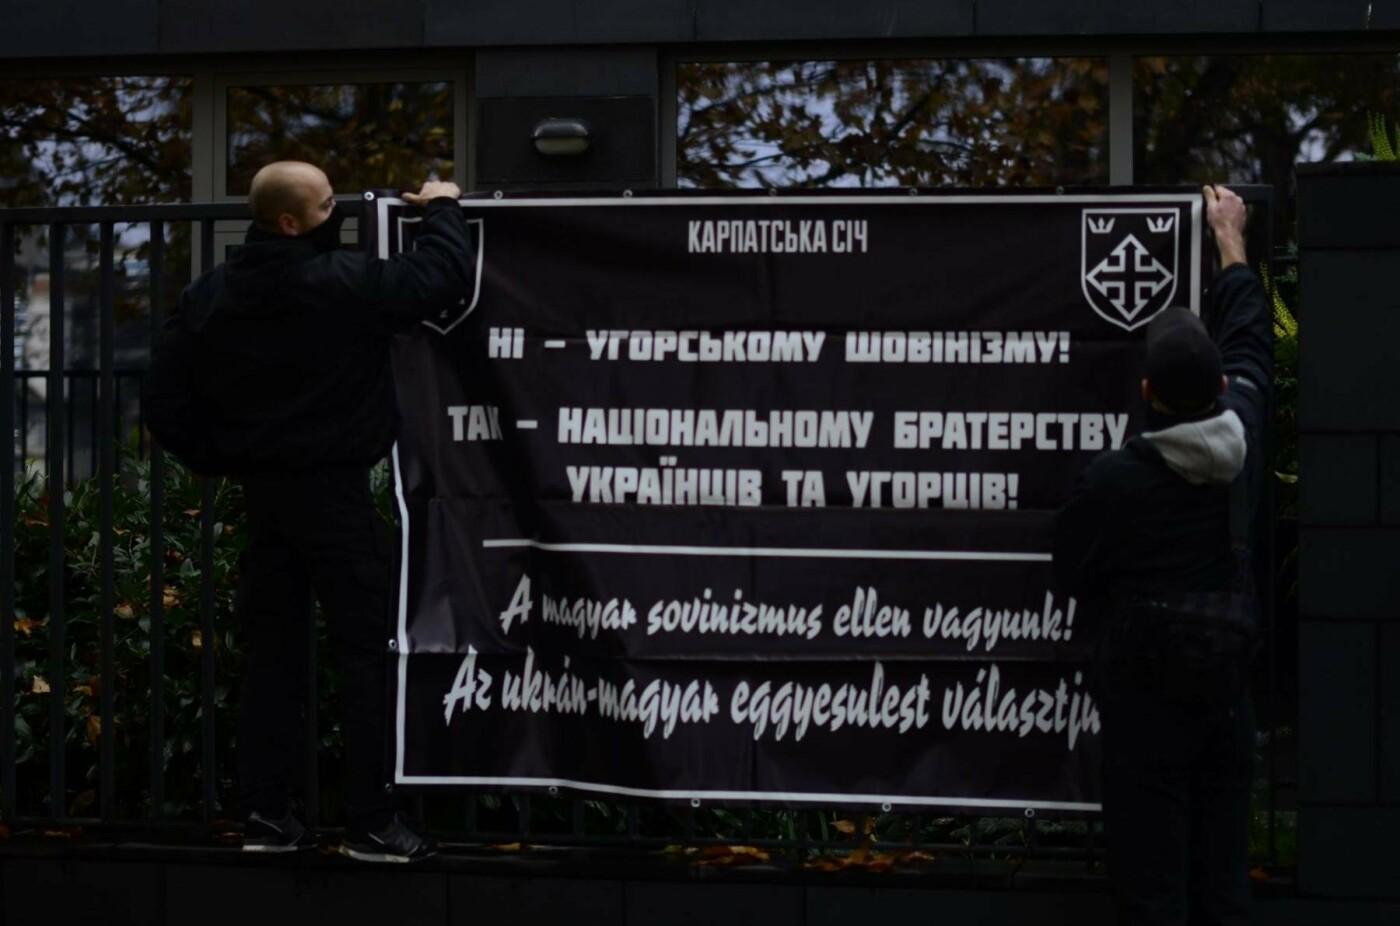 """В Ужгороді перед консульством Угорщини націоналісти """"Карпатської Січі"""" провели акцію, запаливши """"фаєри"""": фото, фото-9"""